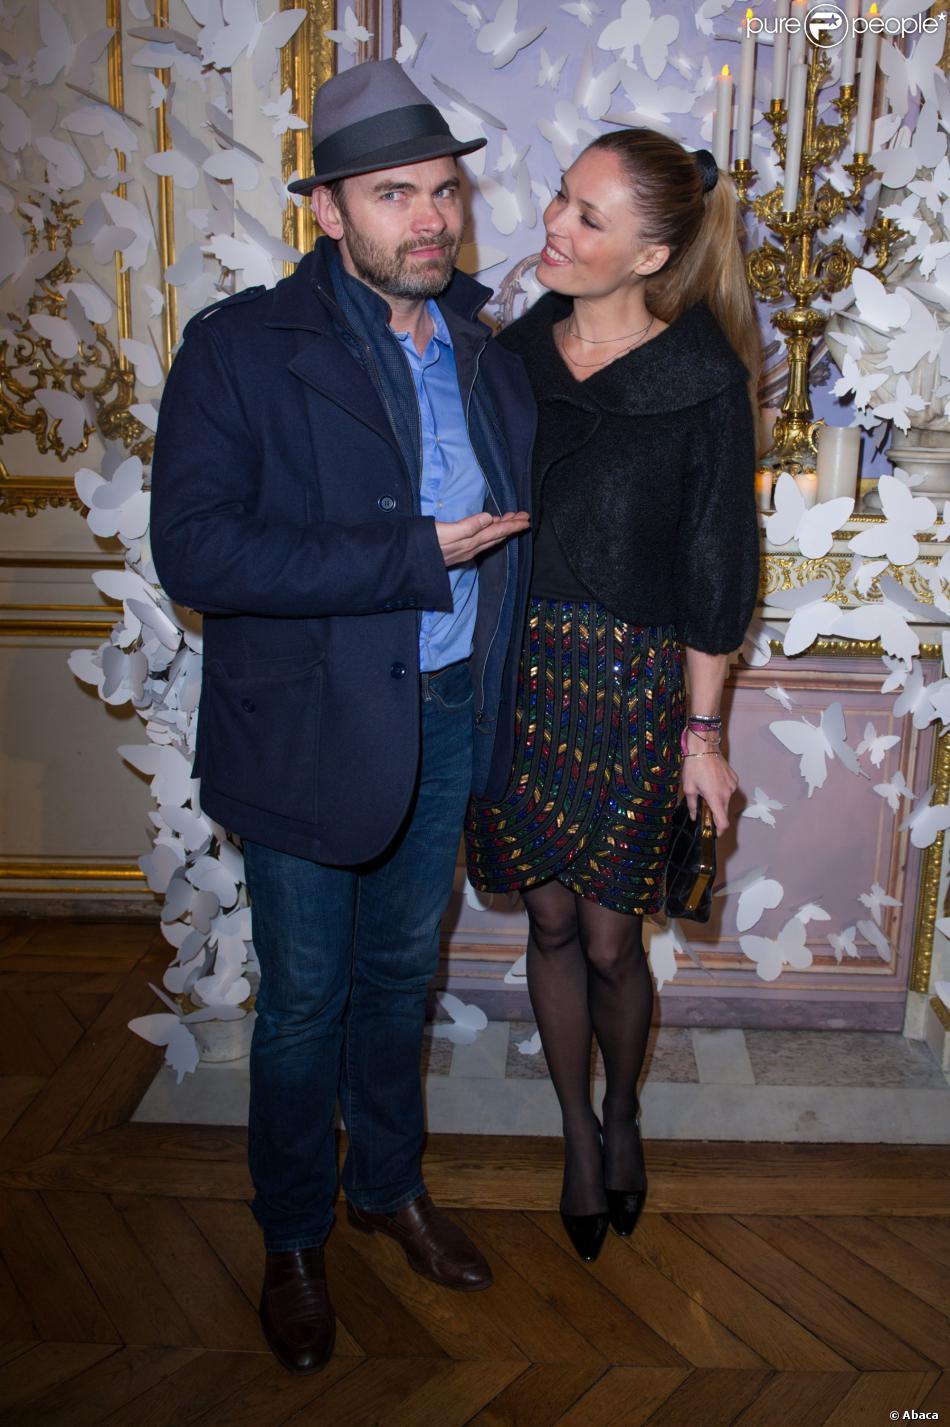 Clovis Cornillac et Lilou Fogliassistent au défilé haute couture Alexis Mabille printemps-été 2014 à l'Hôtel d'Evreux. Paris, le 20 janvier 2014.